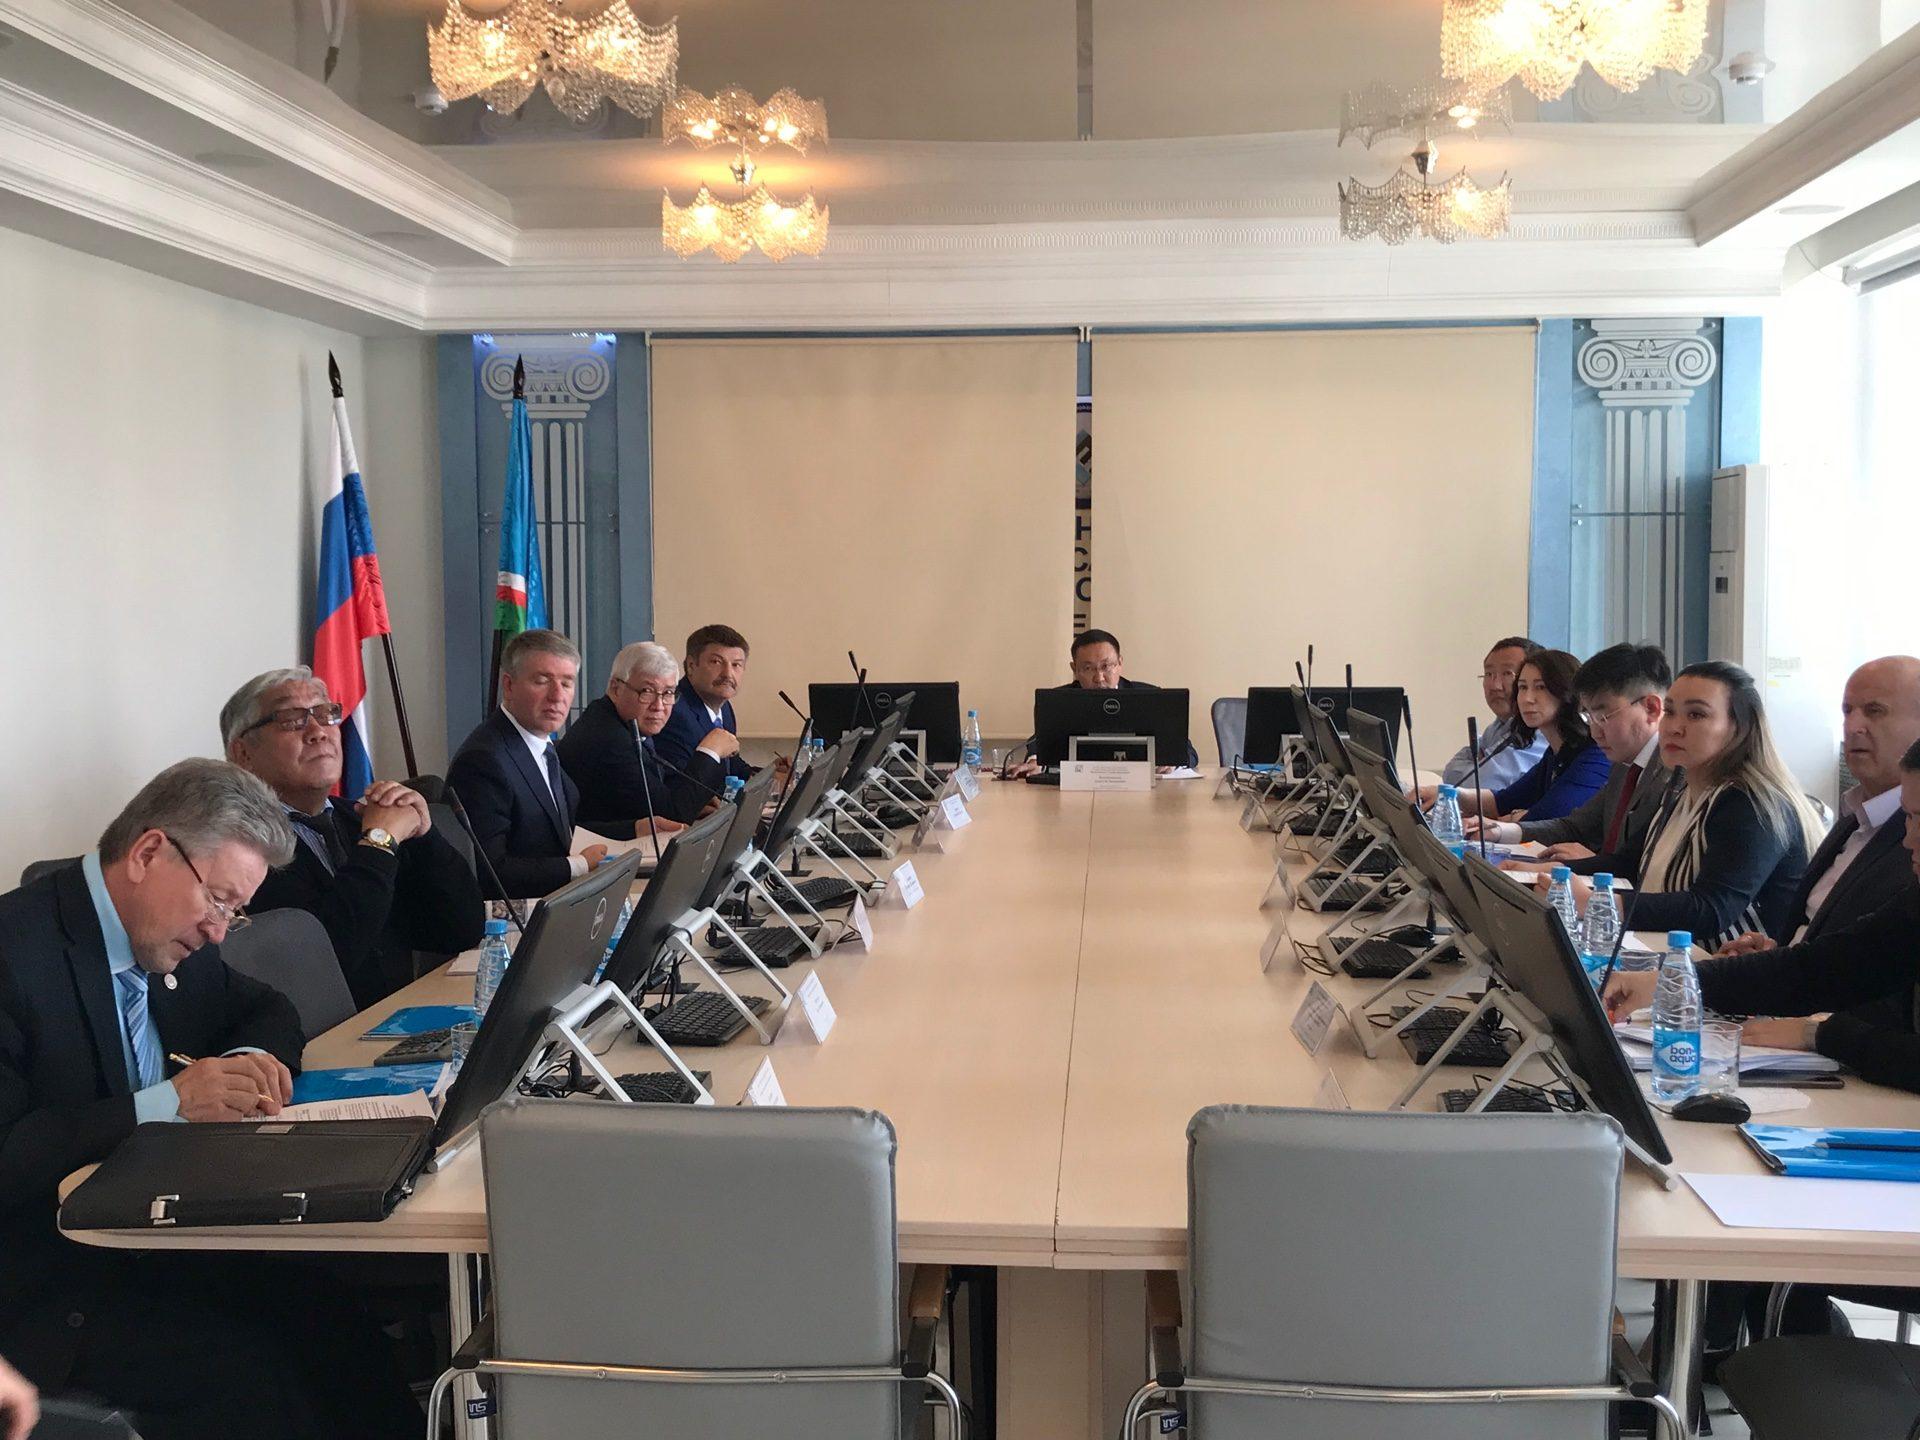 Состоялось годовое общее собрание акционеров АО «Акционерная компания «Железные дороги Якутии»